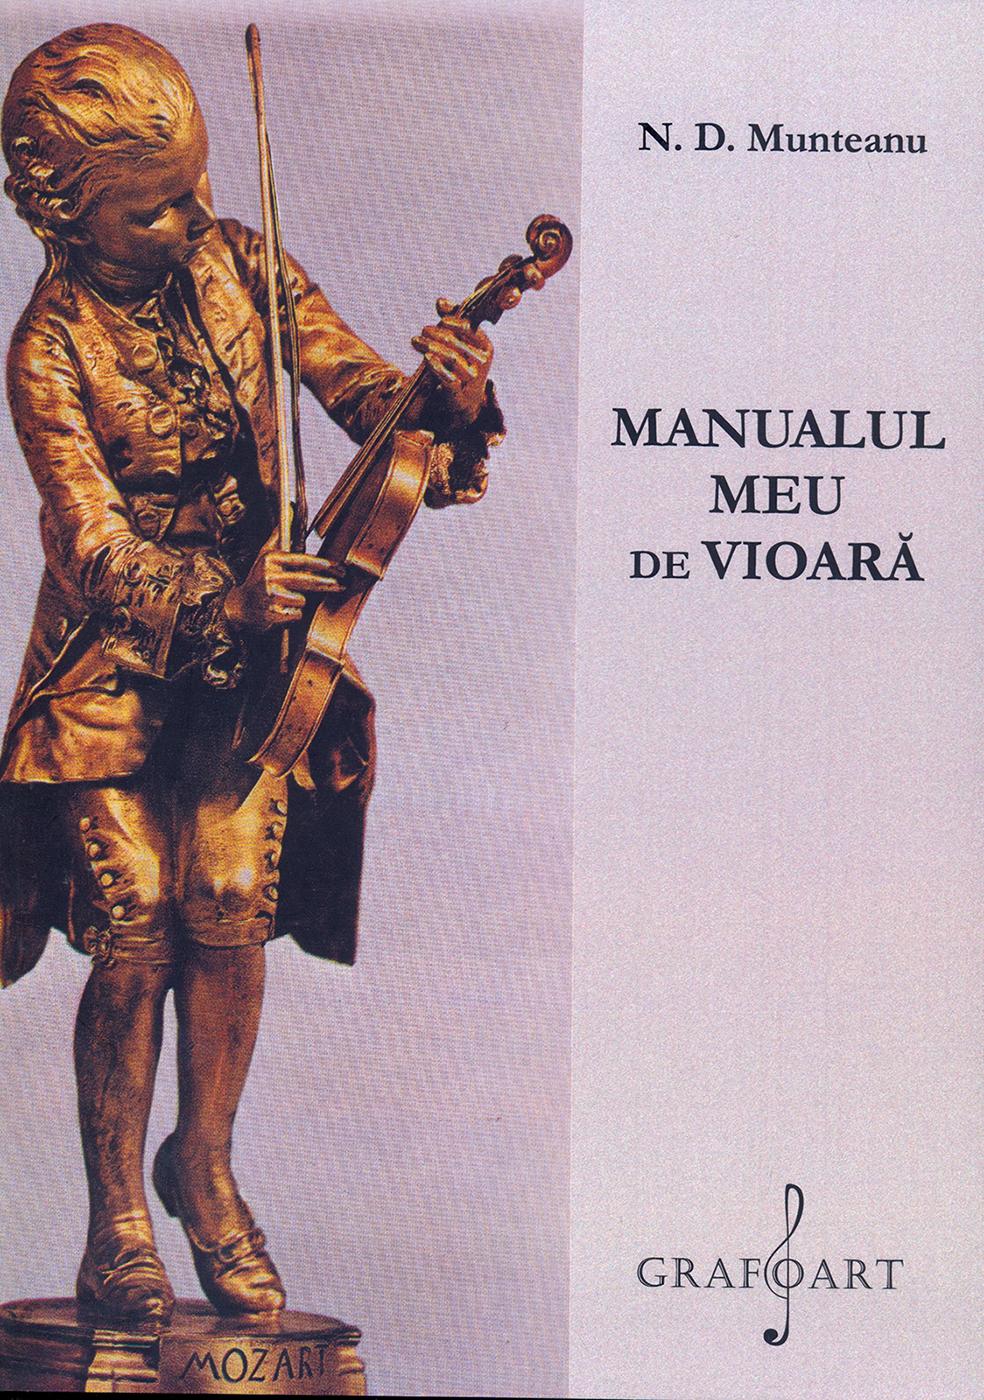 Manualul meu de vioara